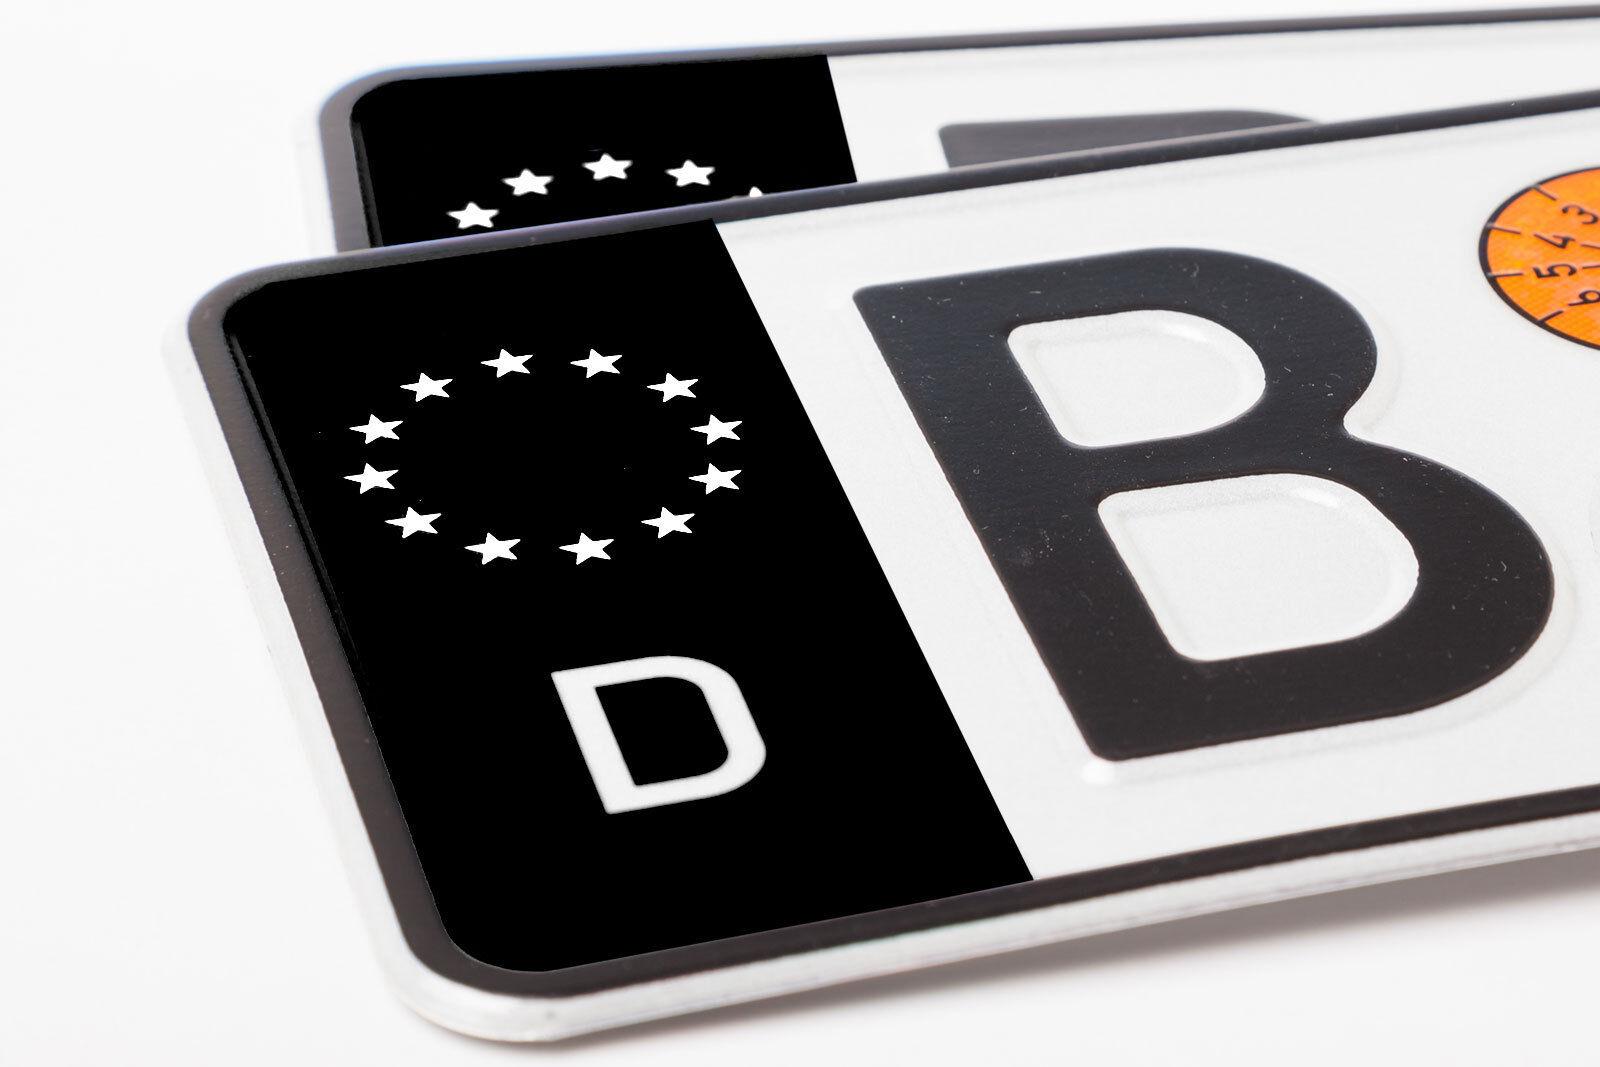 2x Nummernschild Kennzeichen Aufkleber Eu Feld In Schwarz Waschstrassenfest Auto Tuning Styling